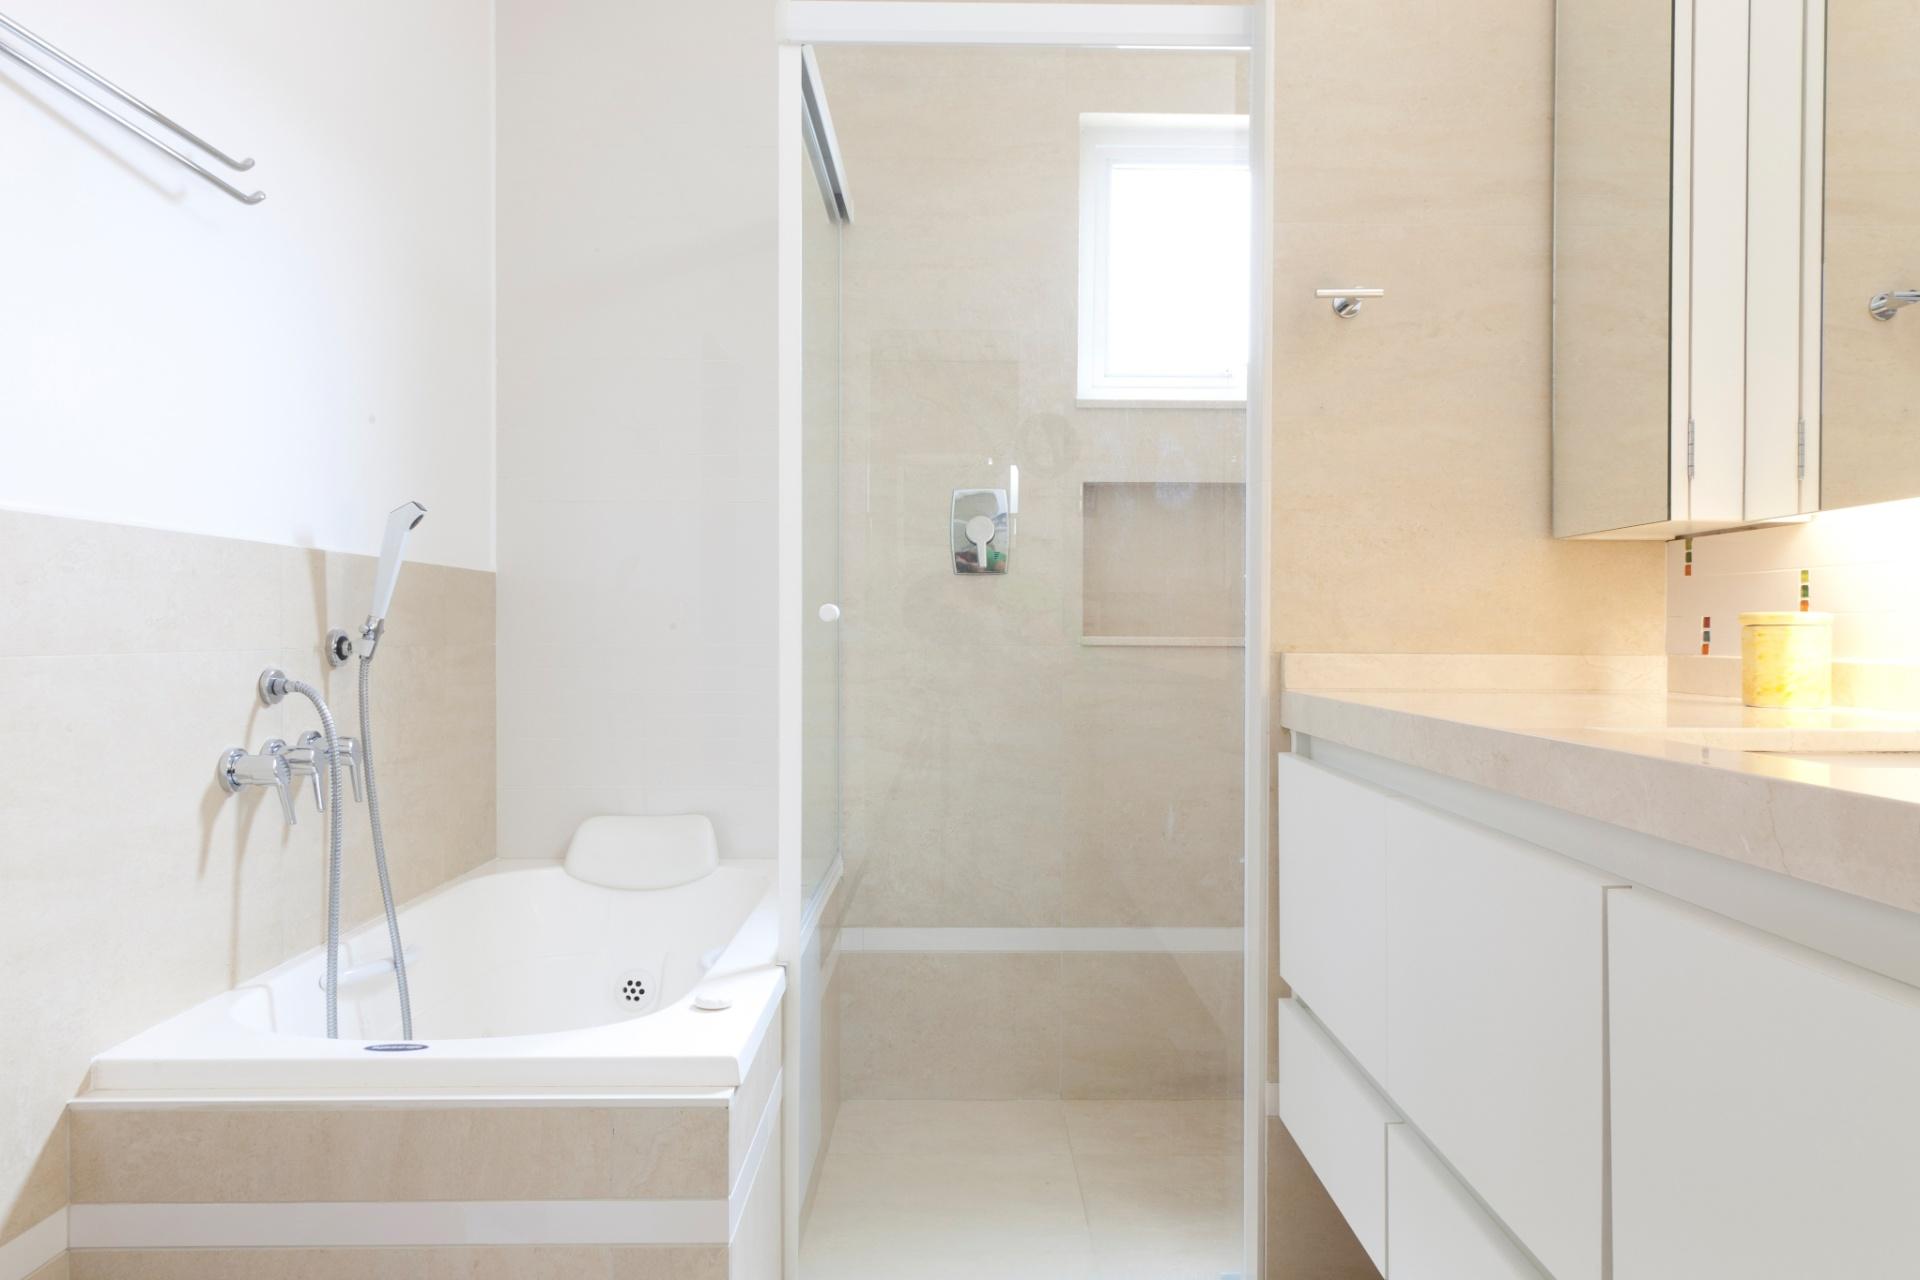 banheiro da suíte do casal é moderno e prático com mobiliário  #975934 1920x1280 Banheiro Com Banheira Casal